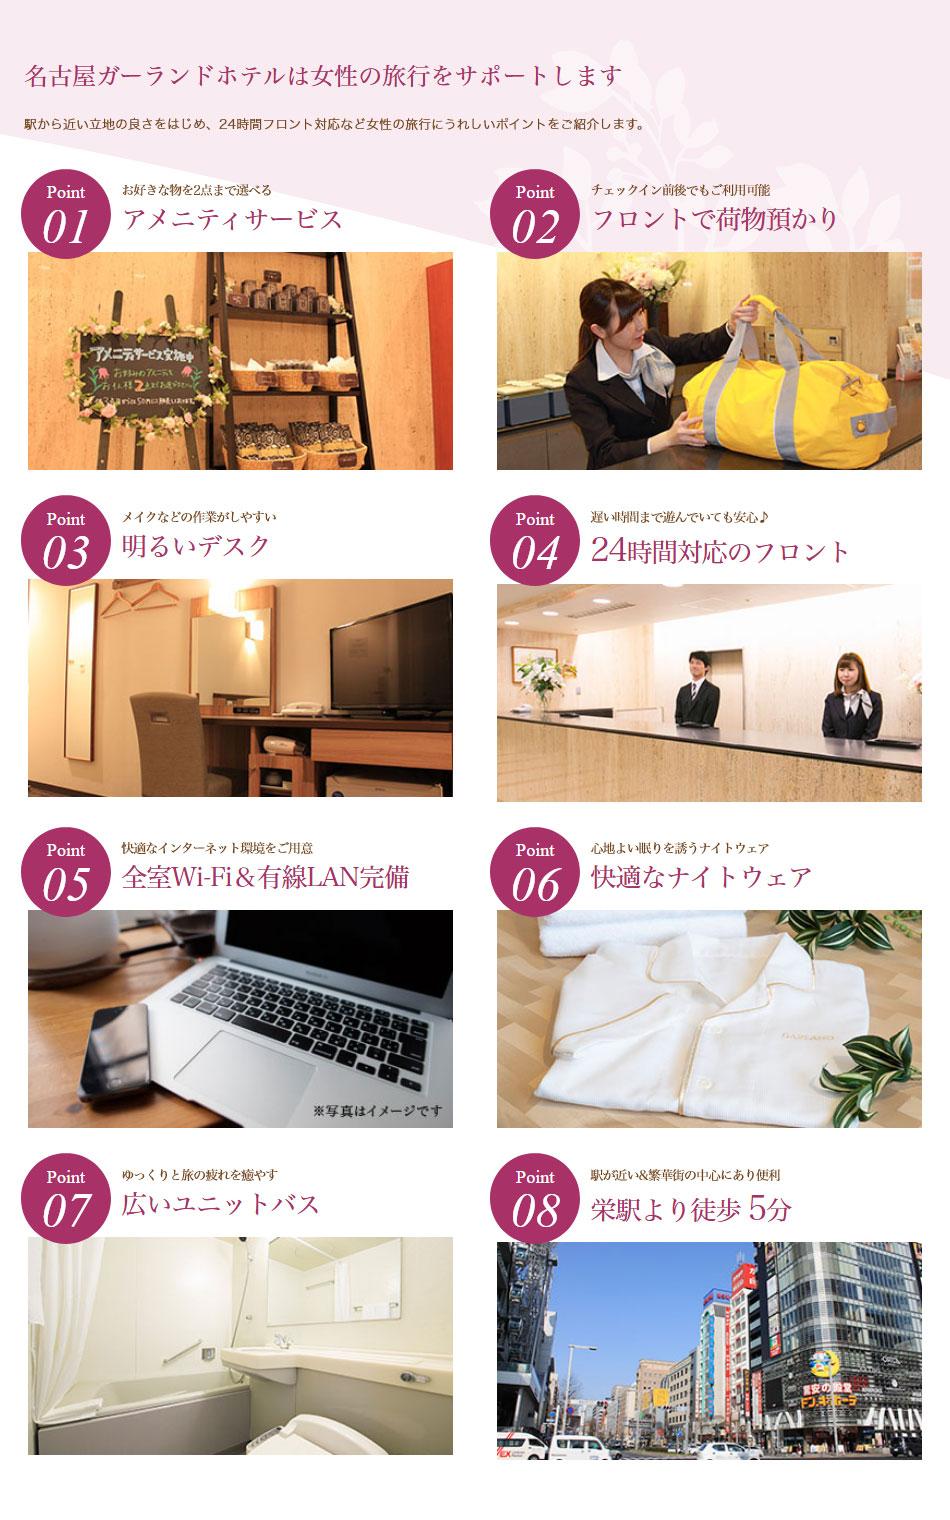 名古屋ガーランドホテルは女性の旅行をサポートします